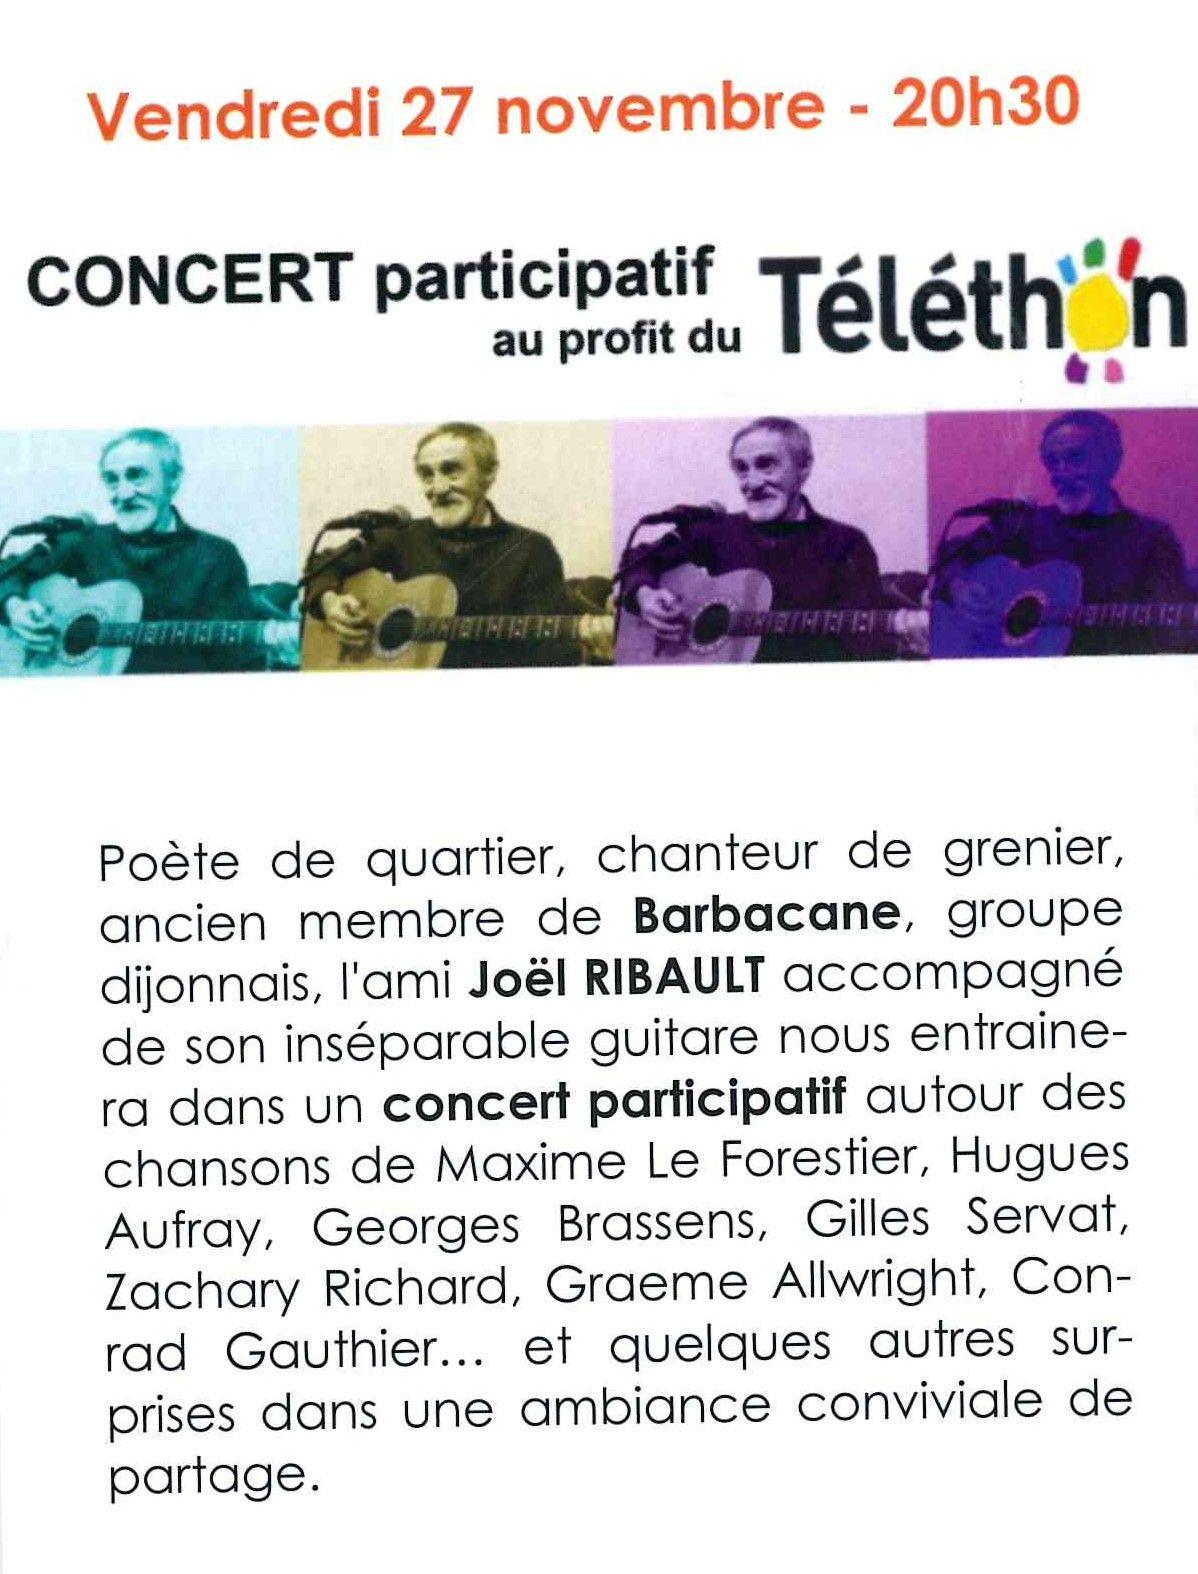 Image liée à la page (Concert Participatif Téléthon)